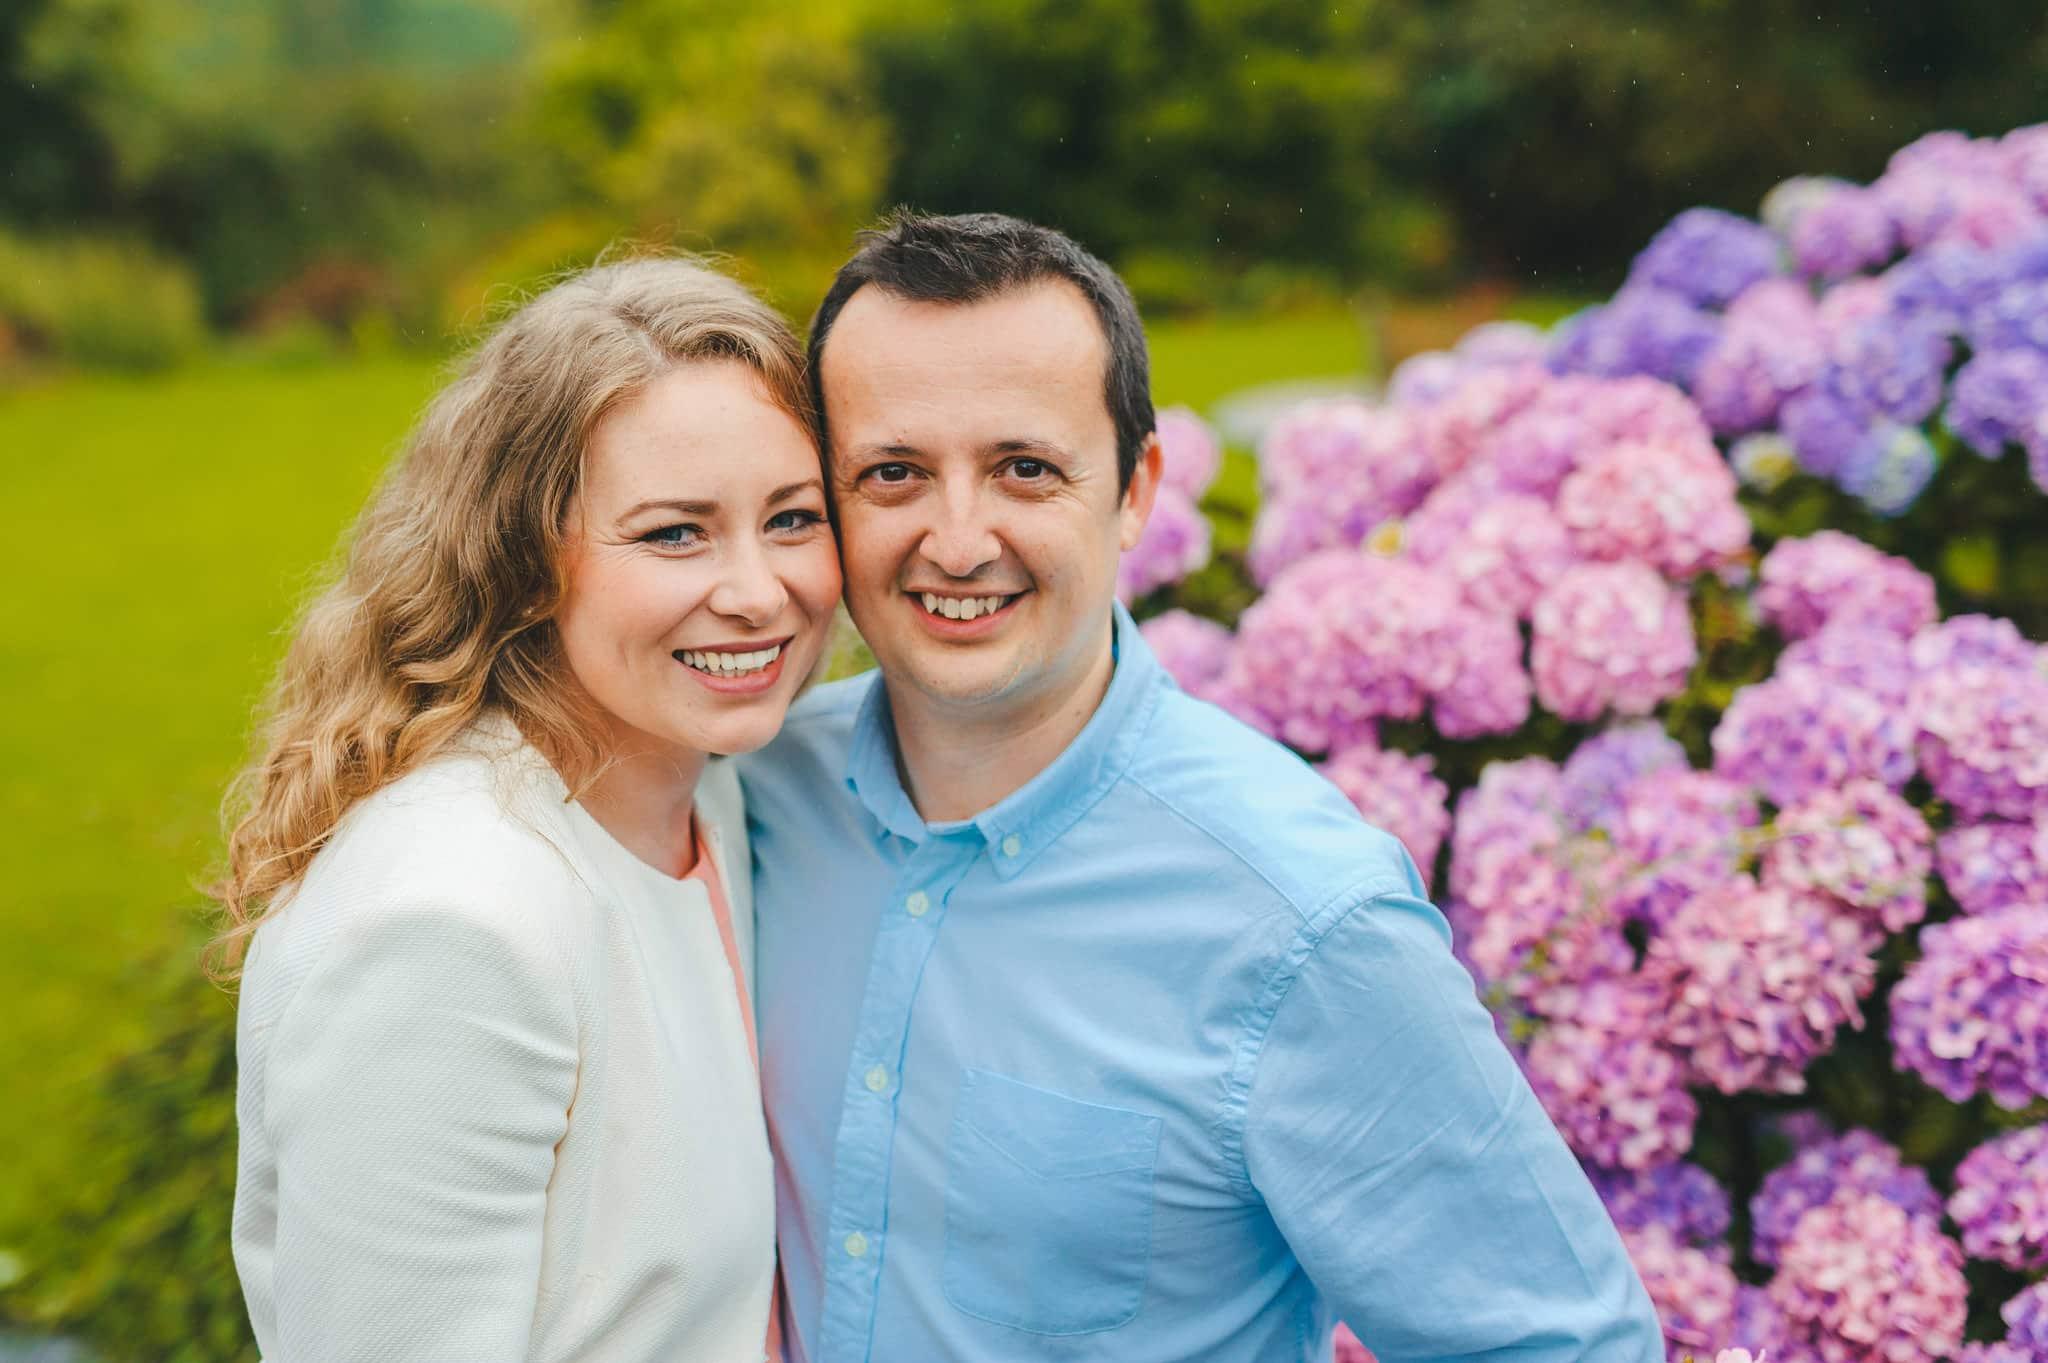 wedding-photographer-aberystwyth (1)